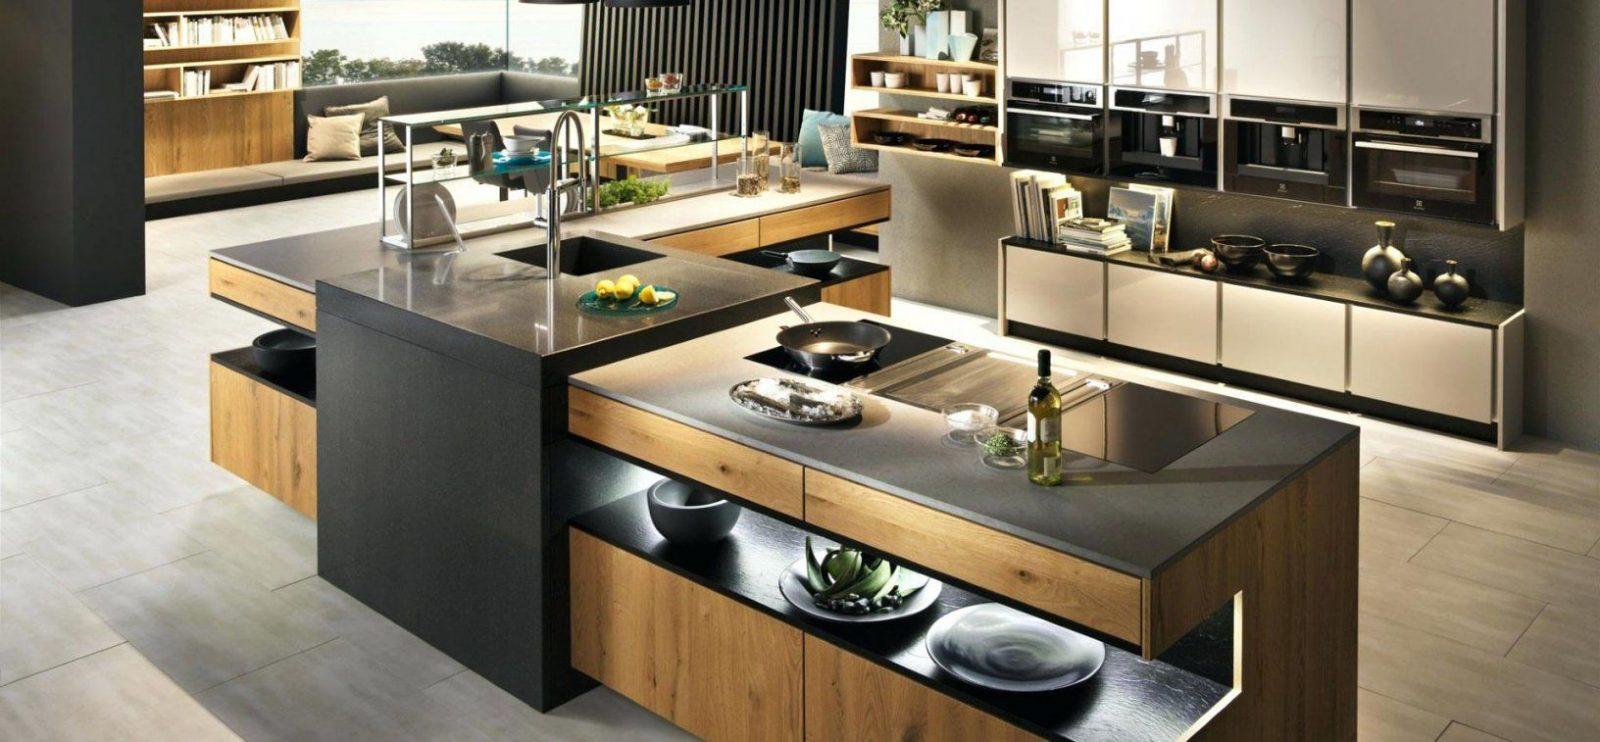 Kuche Glasruckwand Kuchen Bilder Glasspiegel Ideen Selber Malen von Küchen Bilder Selber Malen Bild